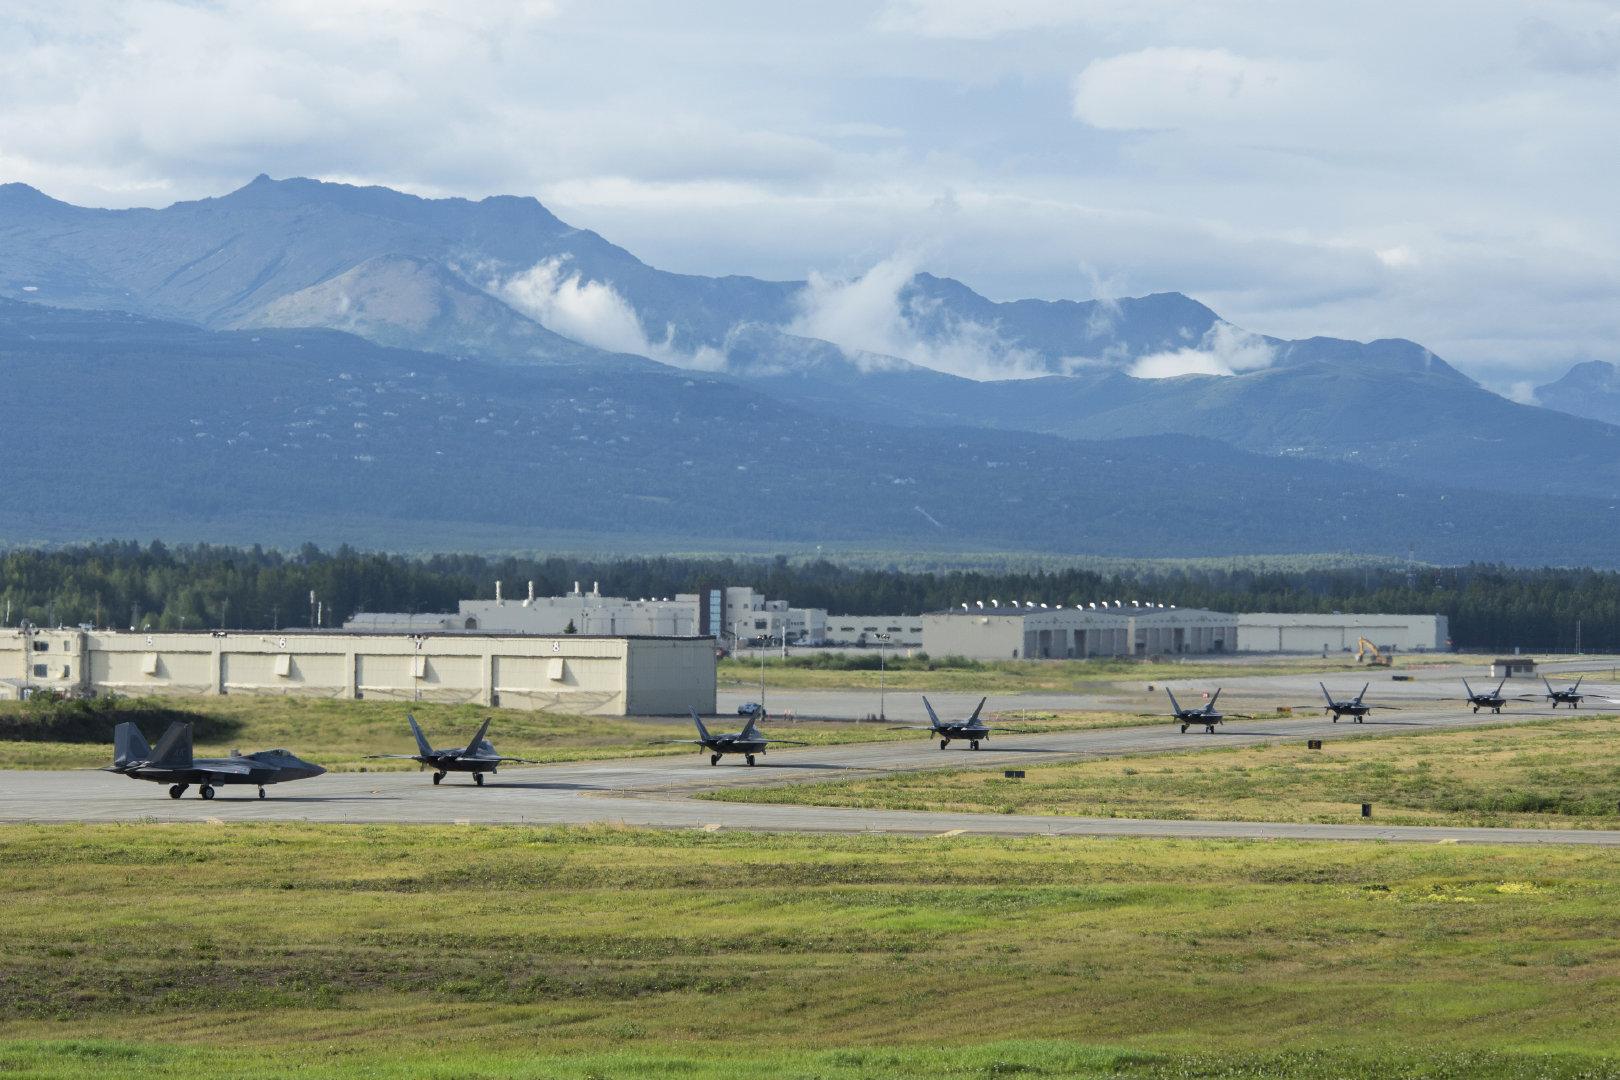 2020年8月7日,阿拉斯加埃尔门多夫理查德森联合空军基地